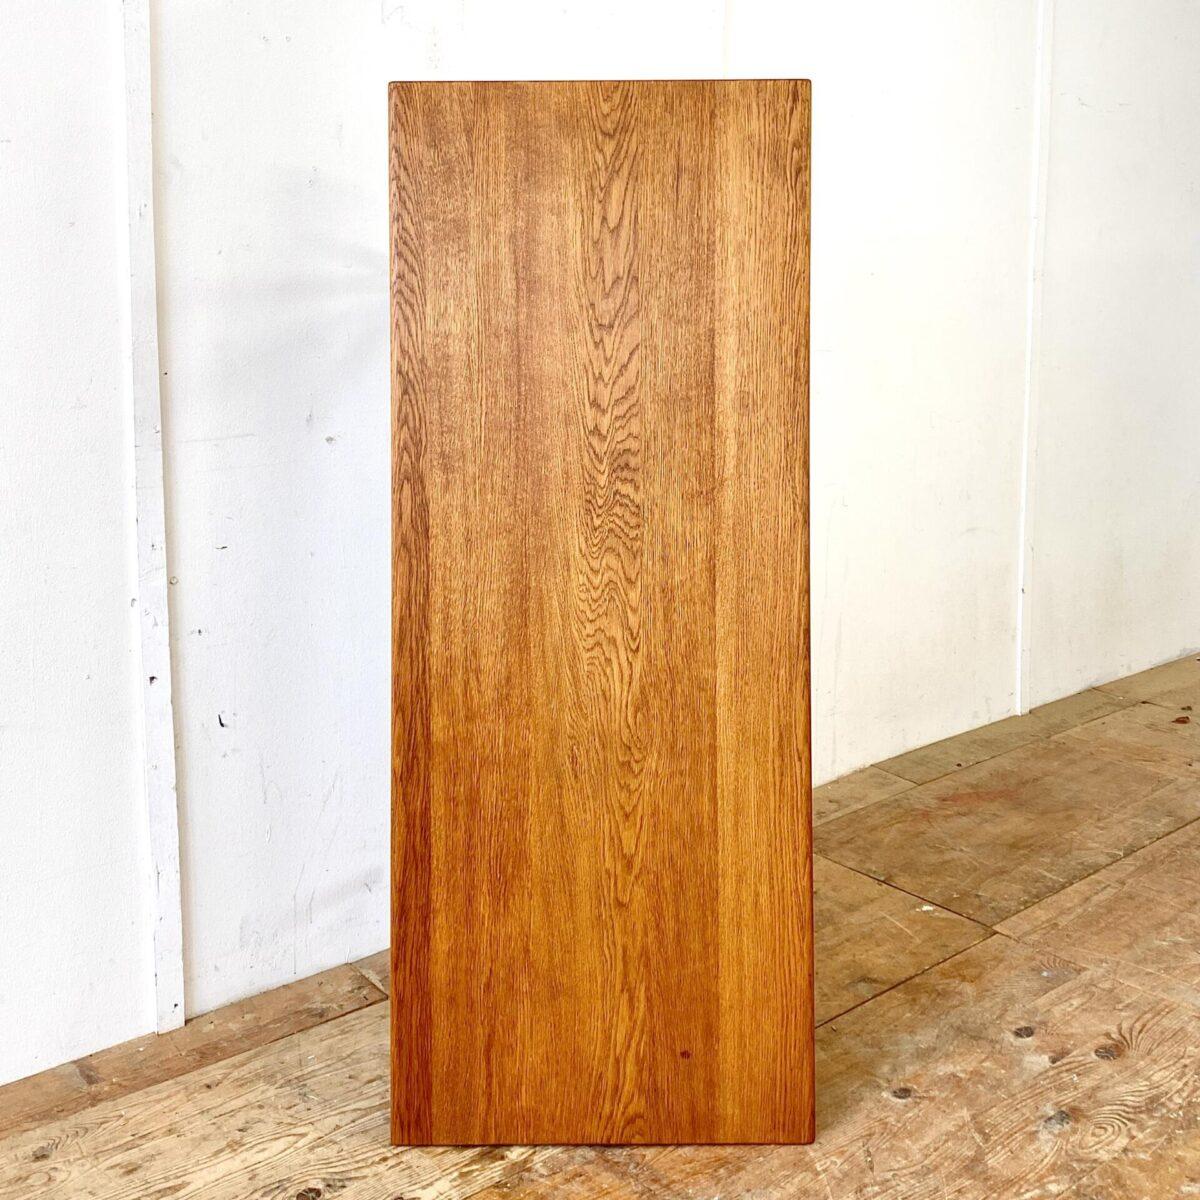 Dänischer Salontisch von Hans J. Wegner für Andreas Tuck. 150x60cm Höhe 48.5cm. Dieser Couchtisch ist aus Eiche Vollholz, die Holzoberflächen sind geölt. Was mir besonders gefällt, wie das Eichenholz farblich gealtert ist. Oft geht Eiche stark ins gelbliche, dieser Tisch hingegen hat eine warme braune Ausstrahlung. Dieser Tisch wurde in den 60er Jahren in verschiedenen Grössen produziert, bei uns gibt es in noch in der Länge von 130cm.